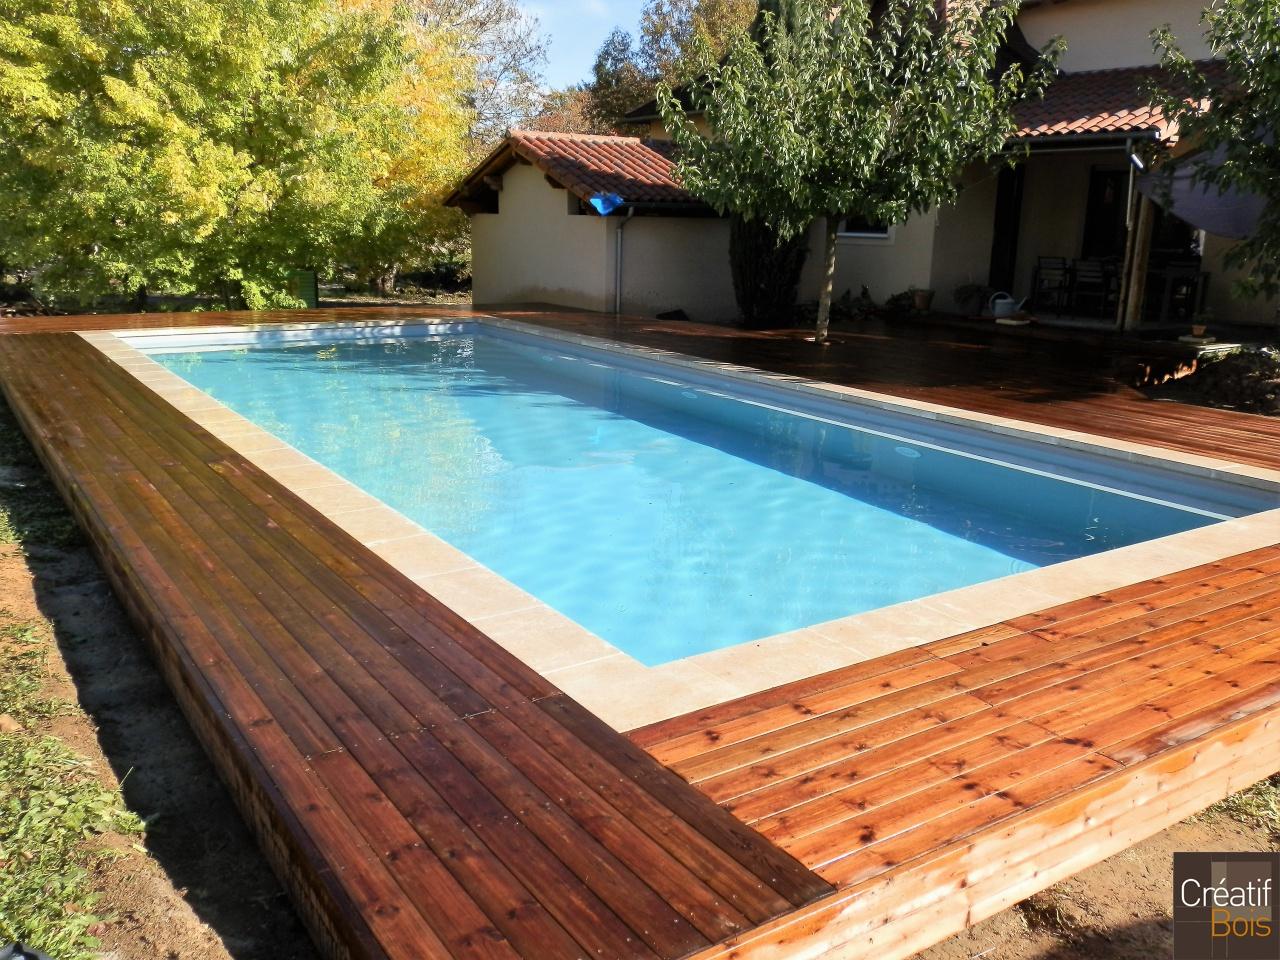 plage de piscine saint jean lespinasse lot 46 plages. Black Bedroom Furniture Sets. Home Design Ideas